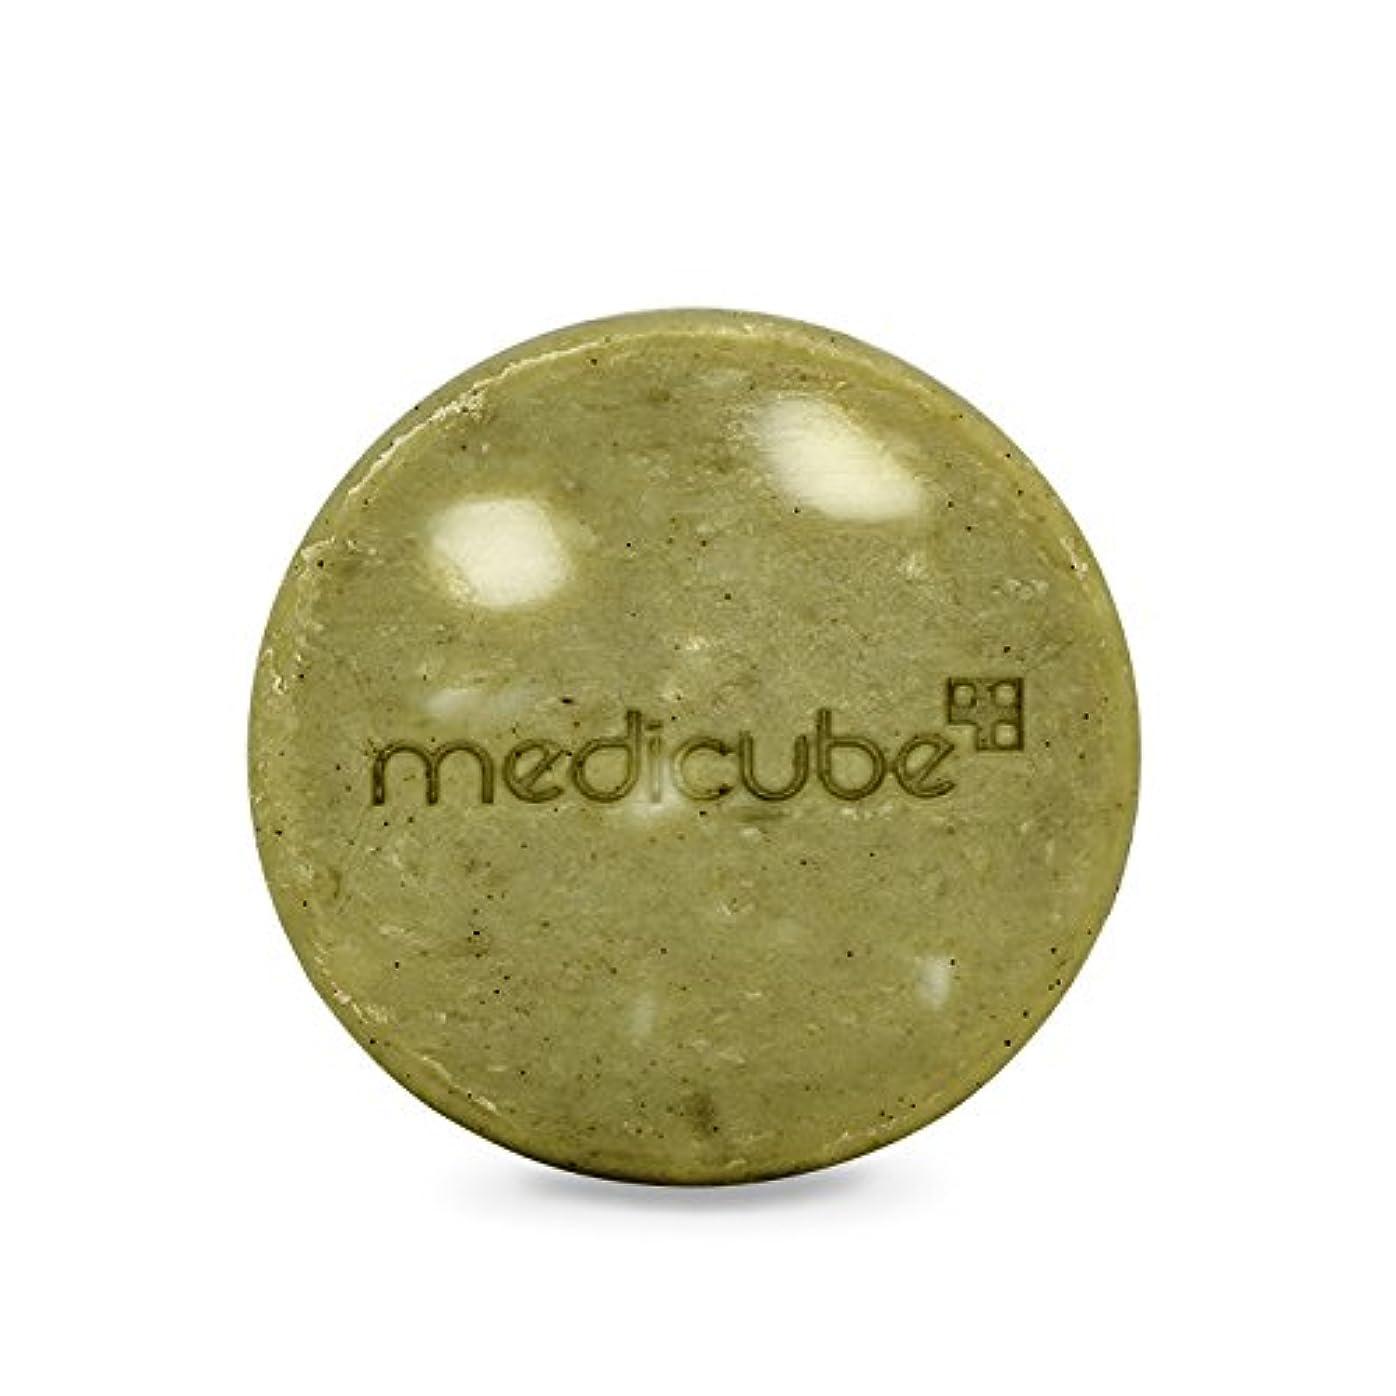 クロール穿孔するメディア[Medicube]Red Body Bar / メディキューブレッドボディバー / 正品?海外直送商品 [並行輸入品]